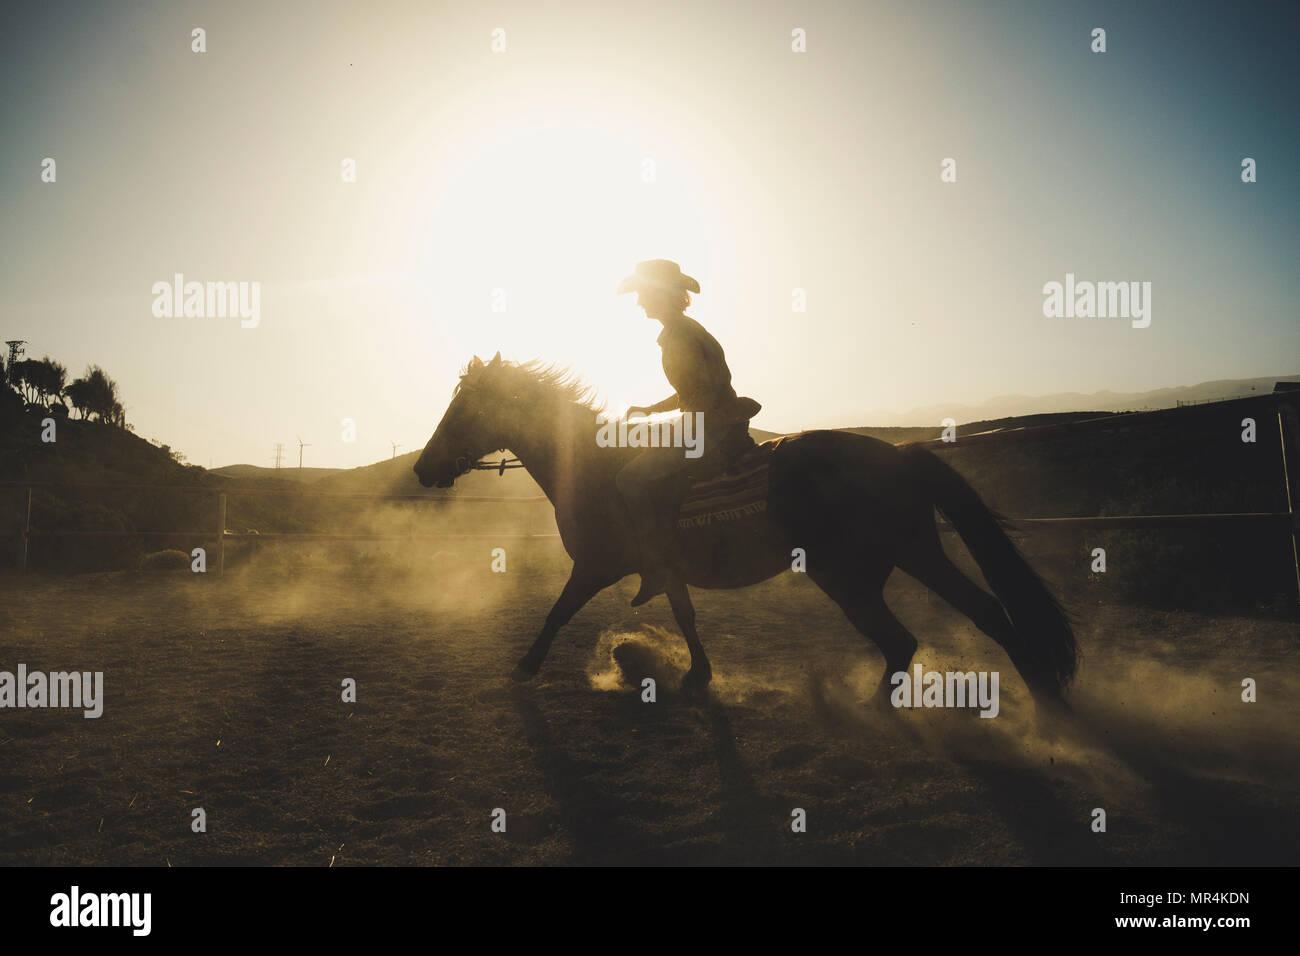 Schöne Mädchen reiten in Silhouette und Hintergrundbeleuchtung mit Sunflare und Staub vom Boden. epic und Helden Bild für Geschwindigkeit und cowbot Leben und Ad Stockbild